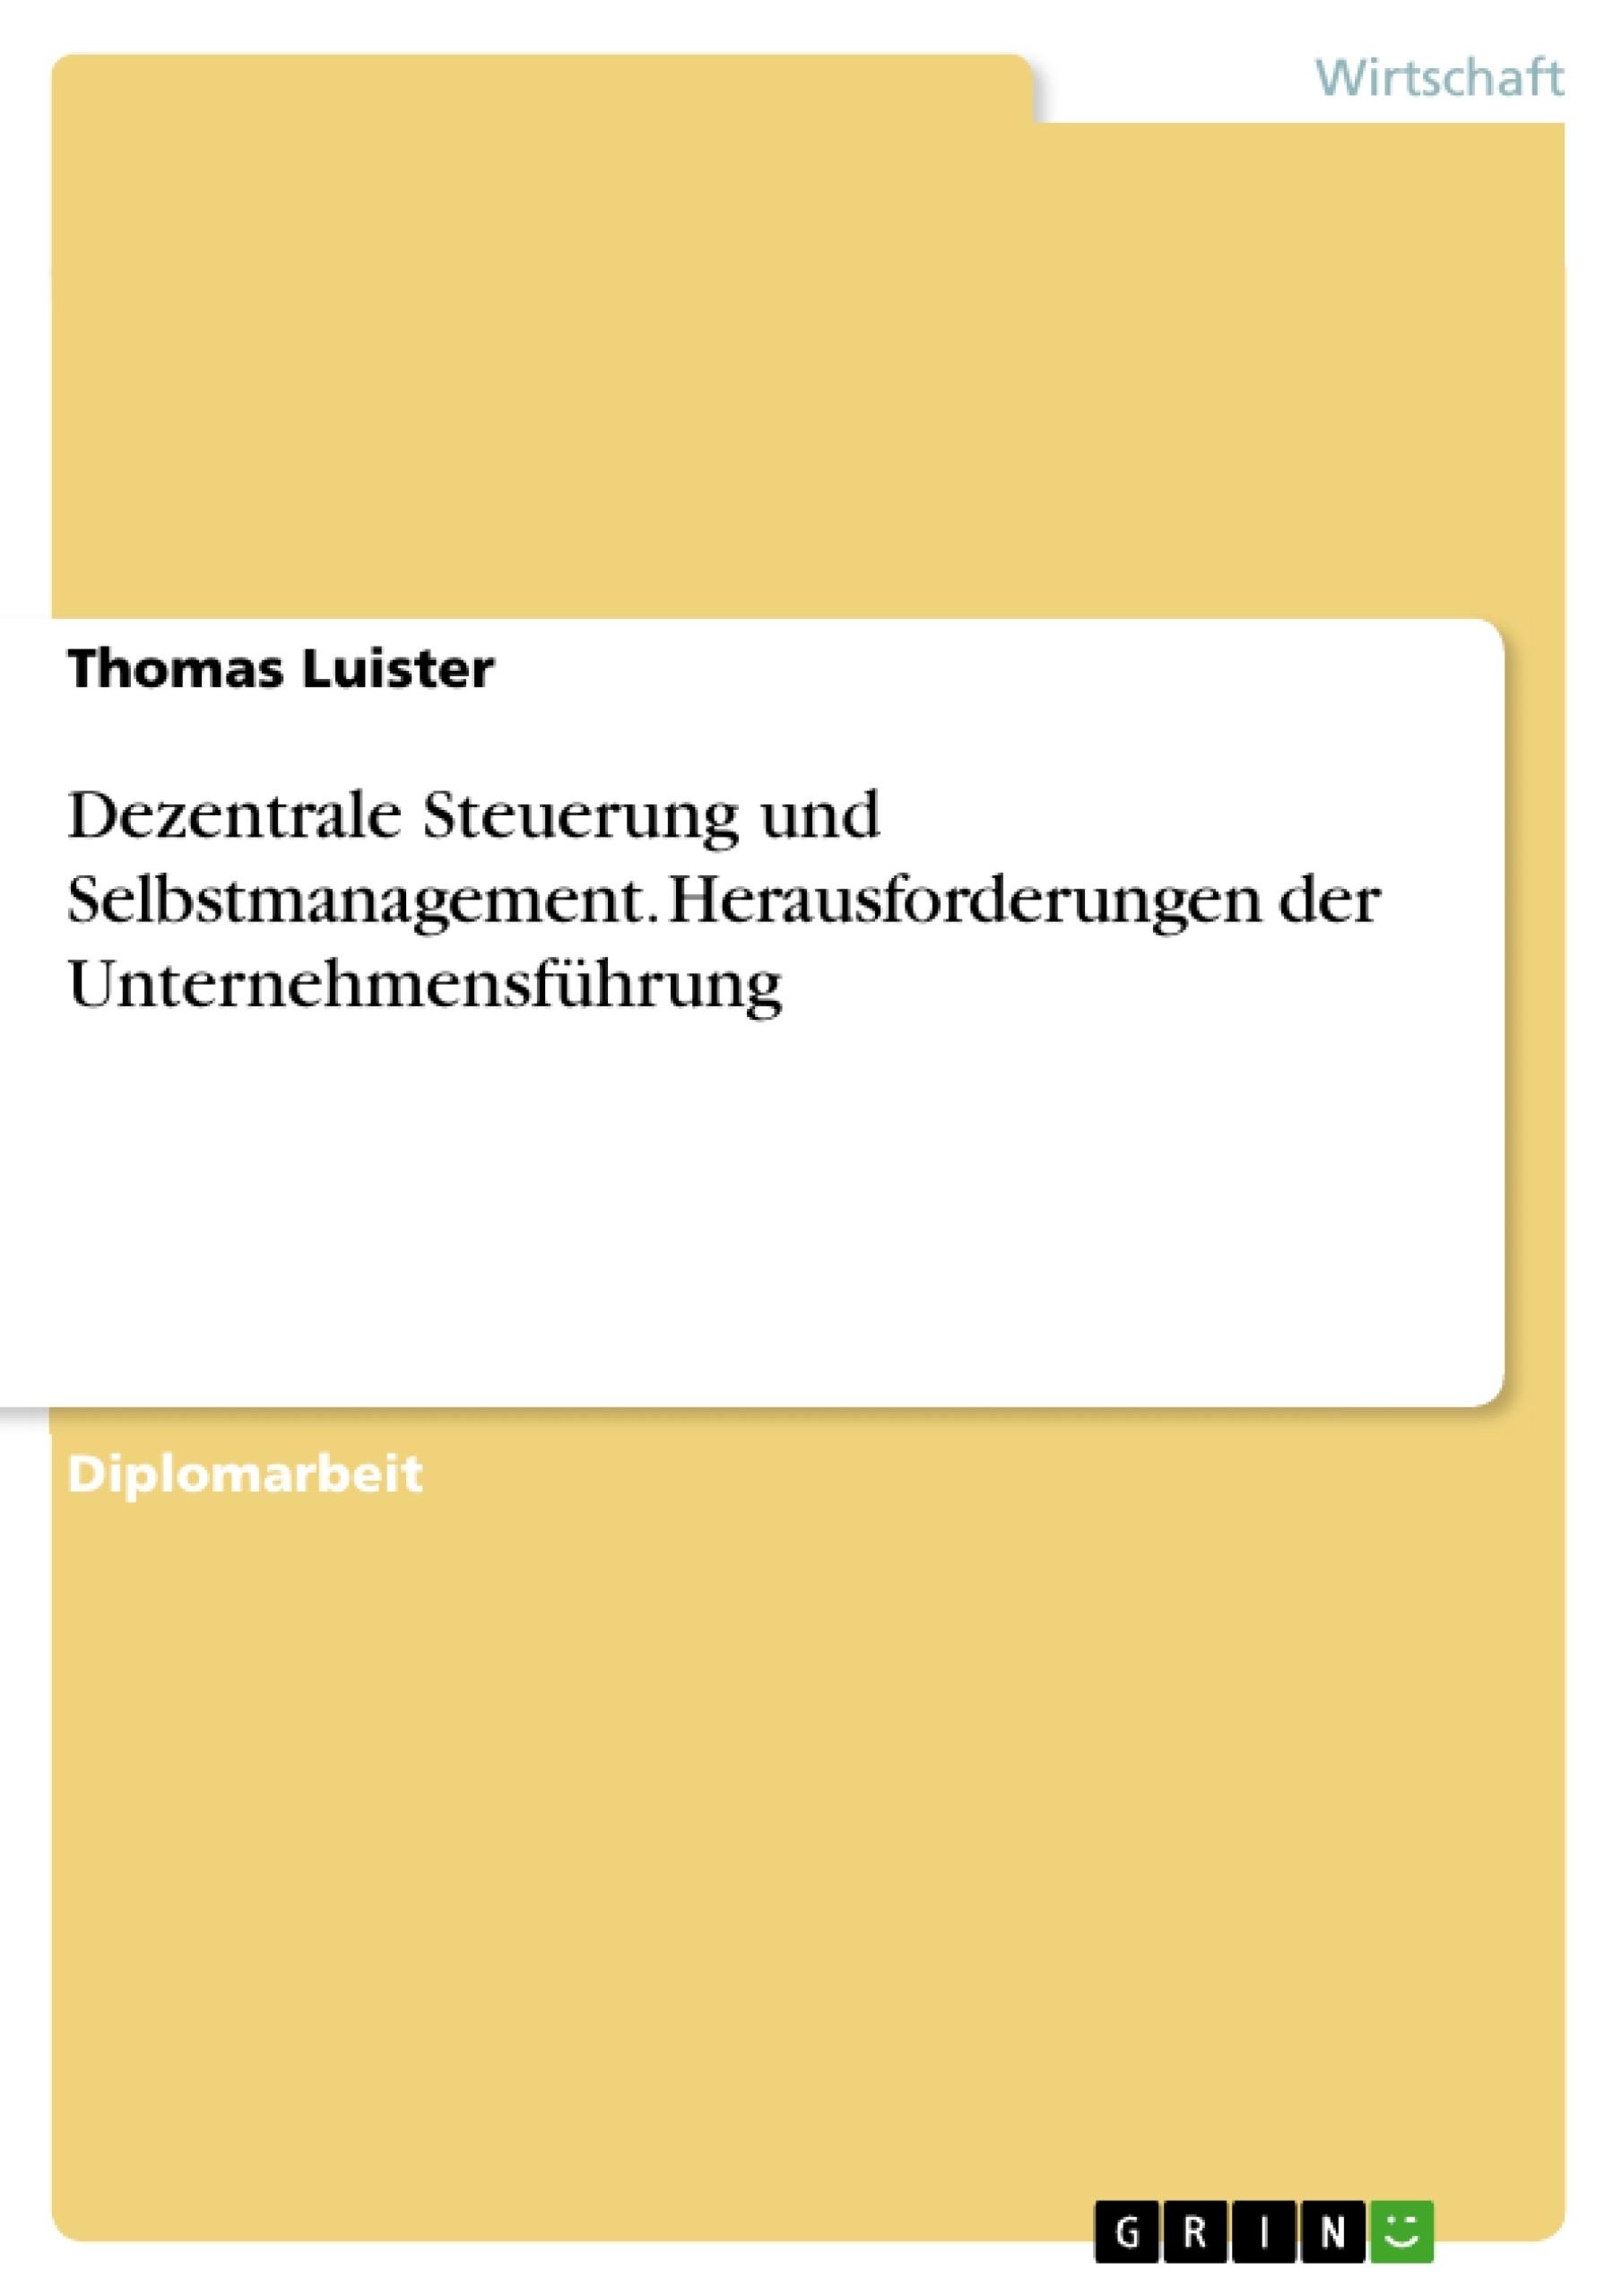 Titel: Dezentrale Steuerung und Selbstmanagement. Herausforderungen der Unternehmensführung